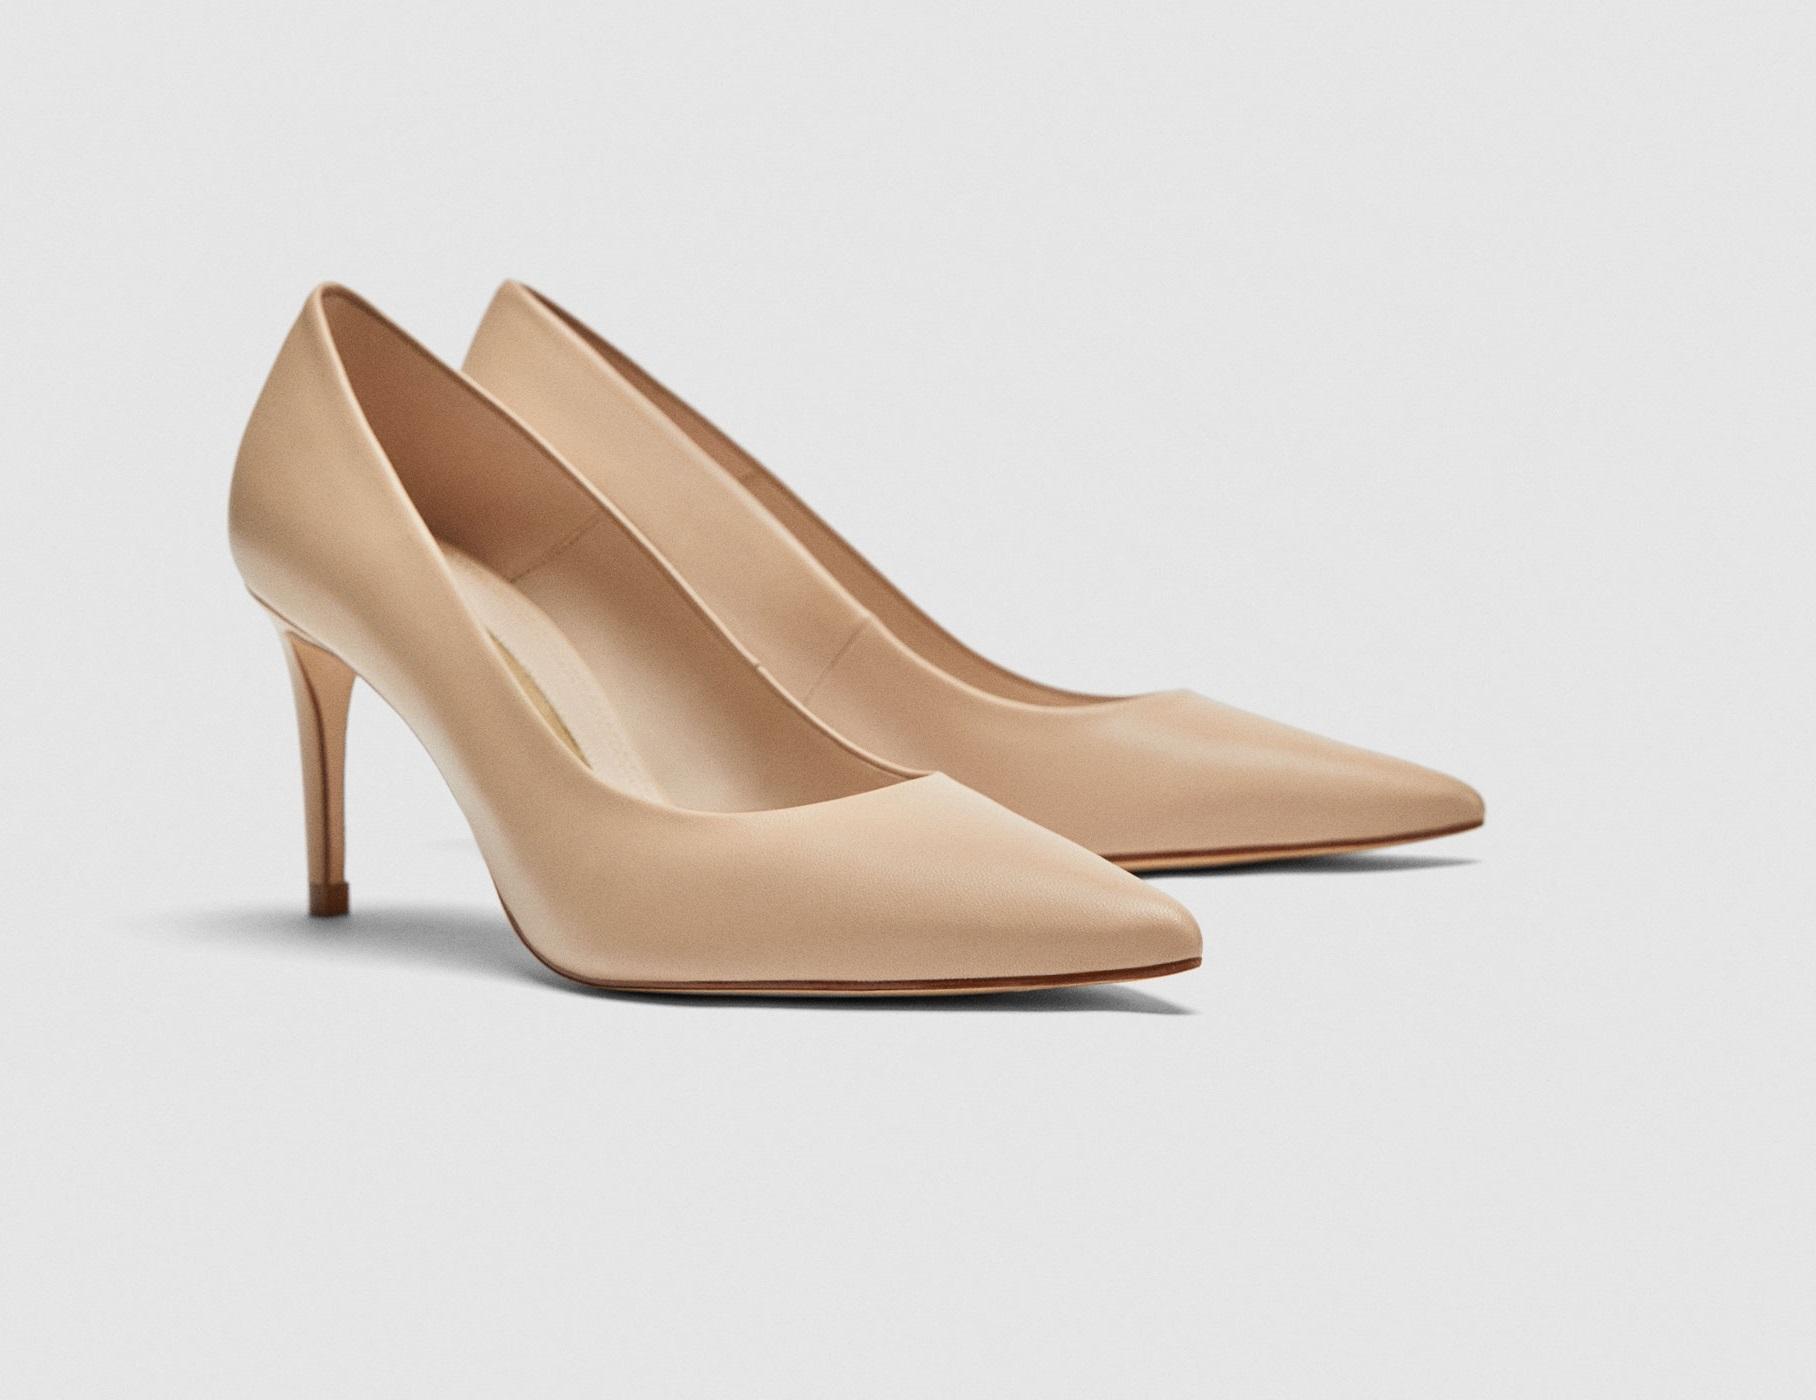 Stilettos de Zara (29,99 euros).